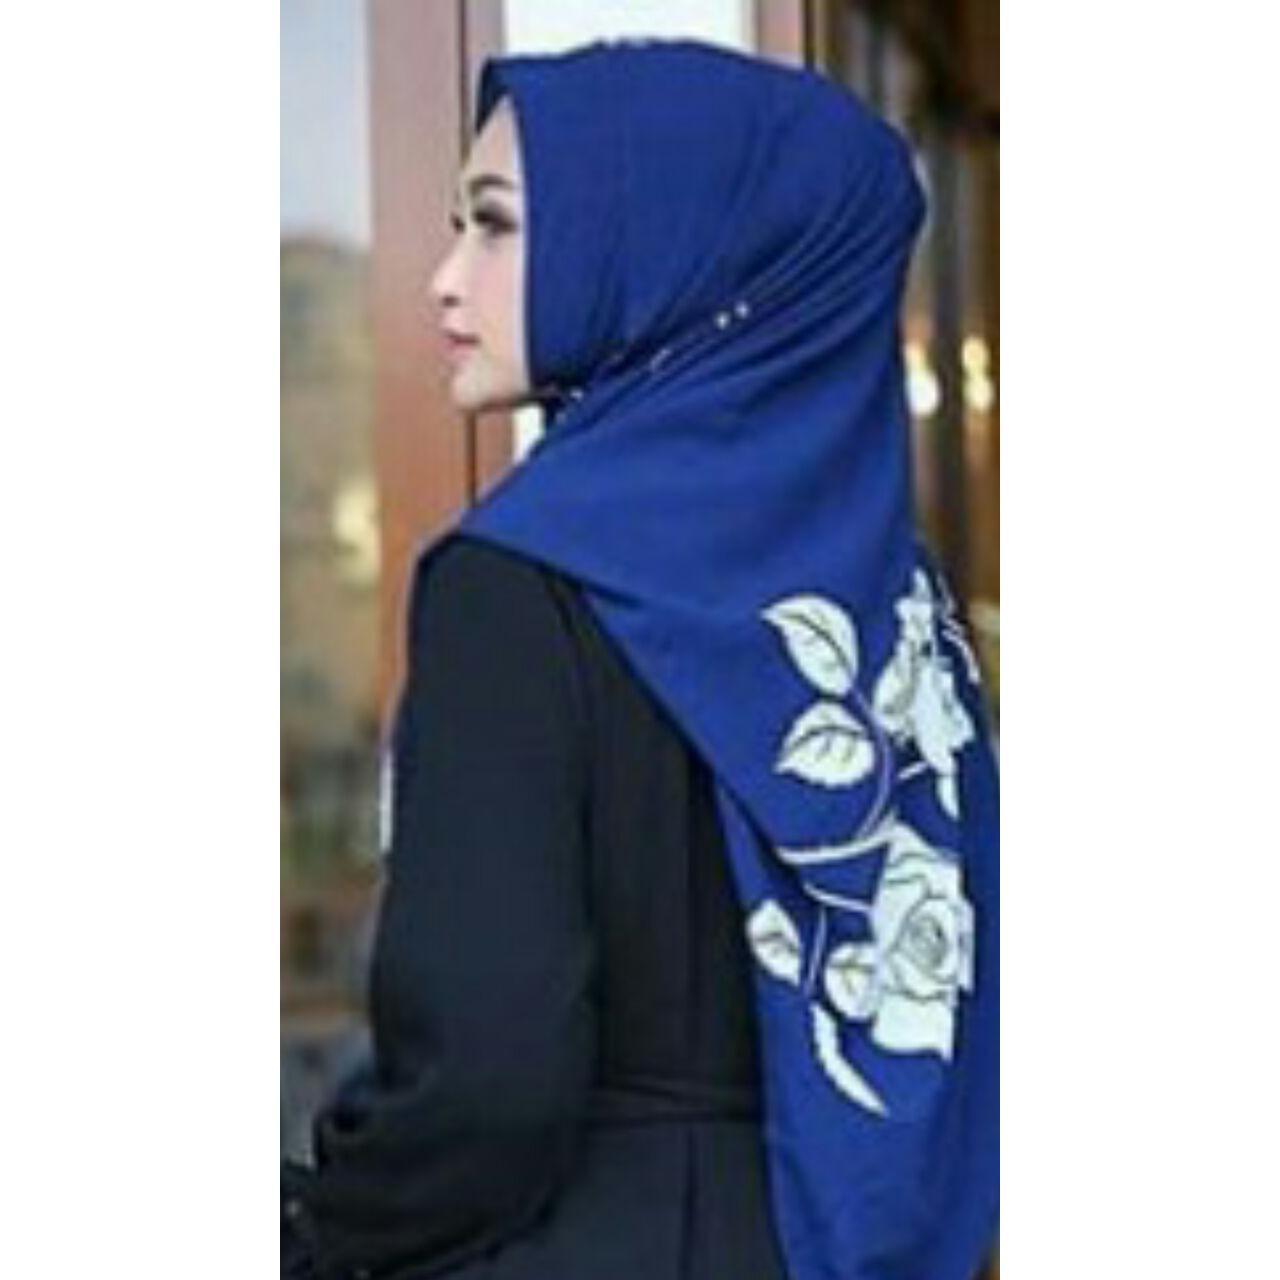 Harga Mooie Pashtan Bunga Jilbab Instan Cantika Pashmina Instan Fristy Pastan Hijab Kerudung Pashmina Instan Devany Baru Murah